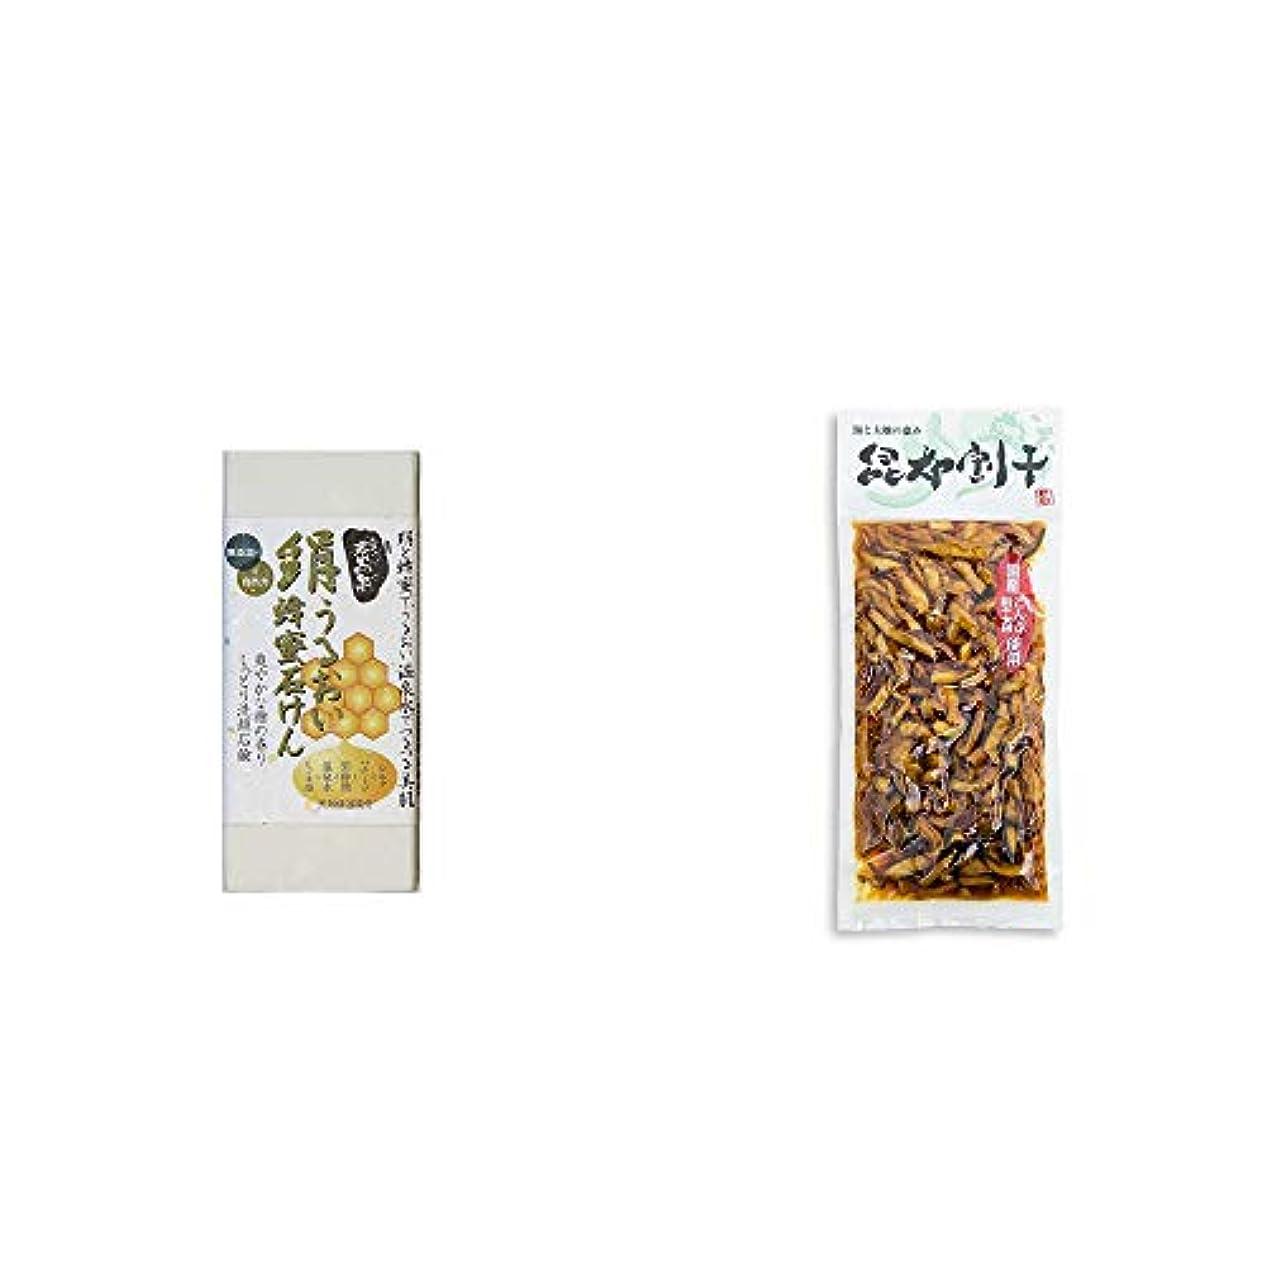 スペシャリスト学部長土地[2点セット] ひのき炭黒泉 絹うるおい蜂蜜石けん(75g×2)?海と大地の恵み 昆布割干(250g)